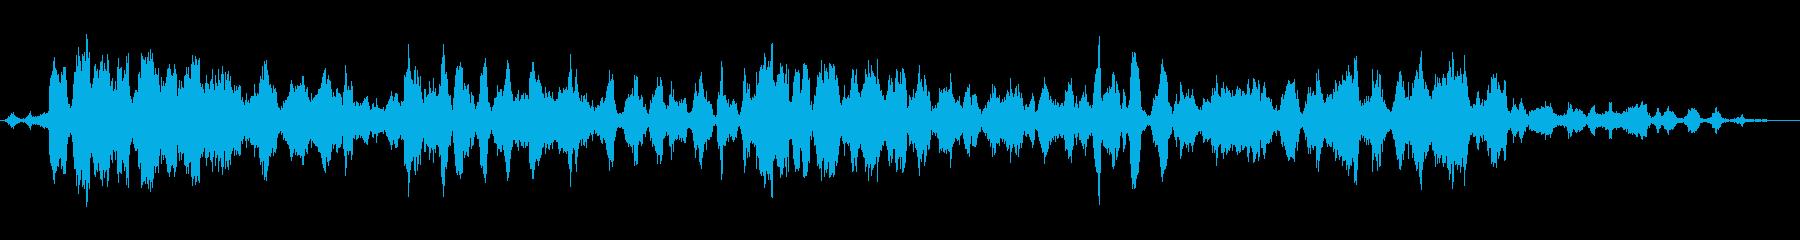 スモールスタジオオーディエンス:ハ...の再生済みの波形